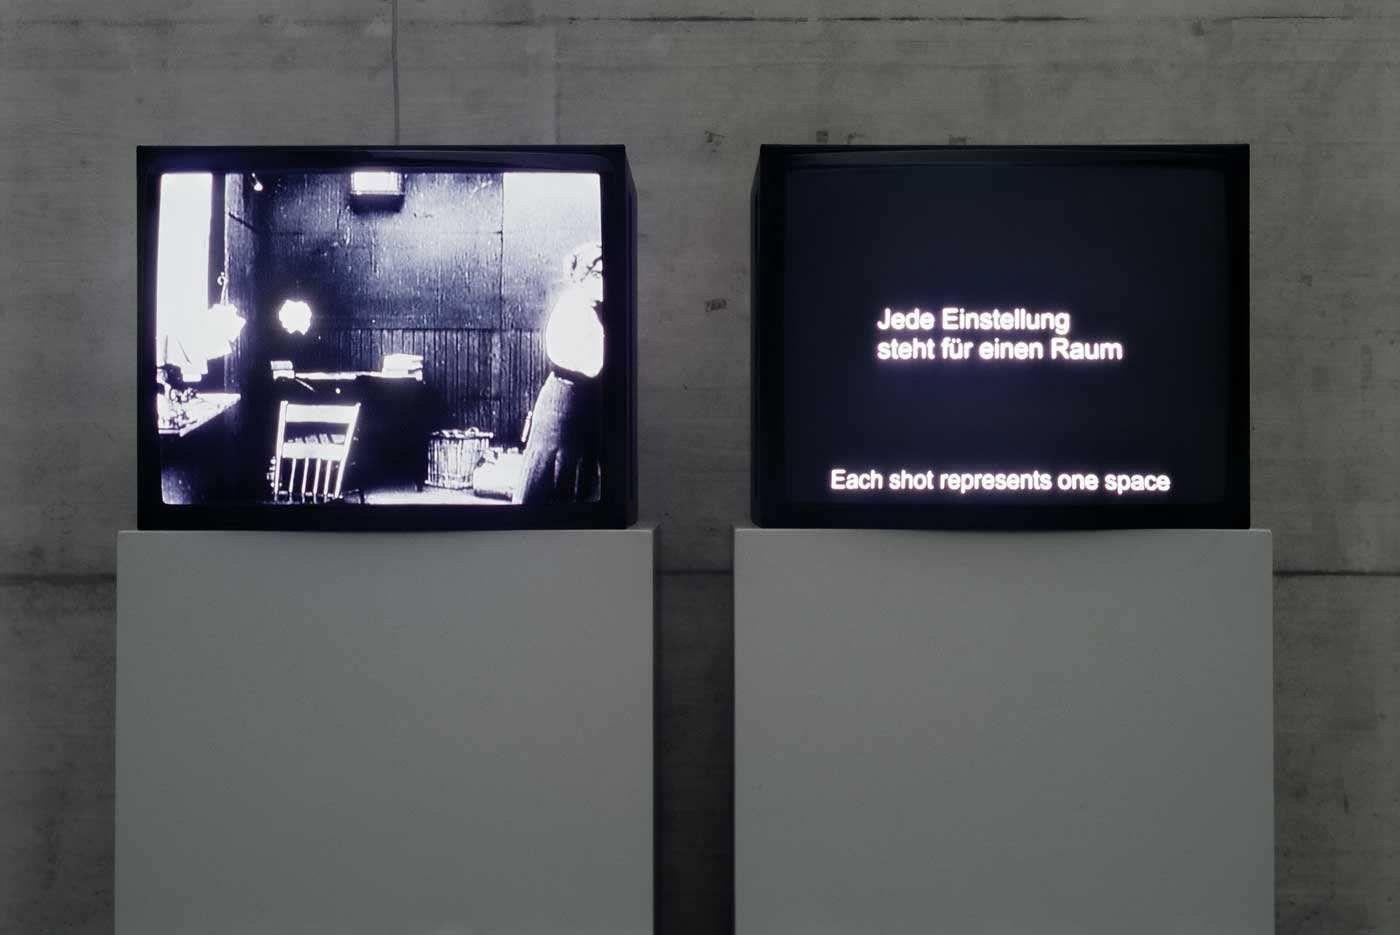 Harun Farocki: Counter Music - Exhibition at Haus der Kunst in Munich